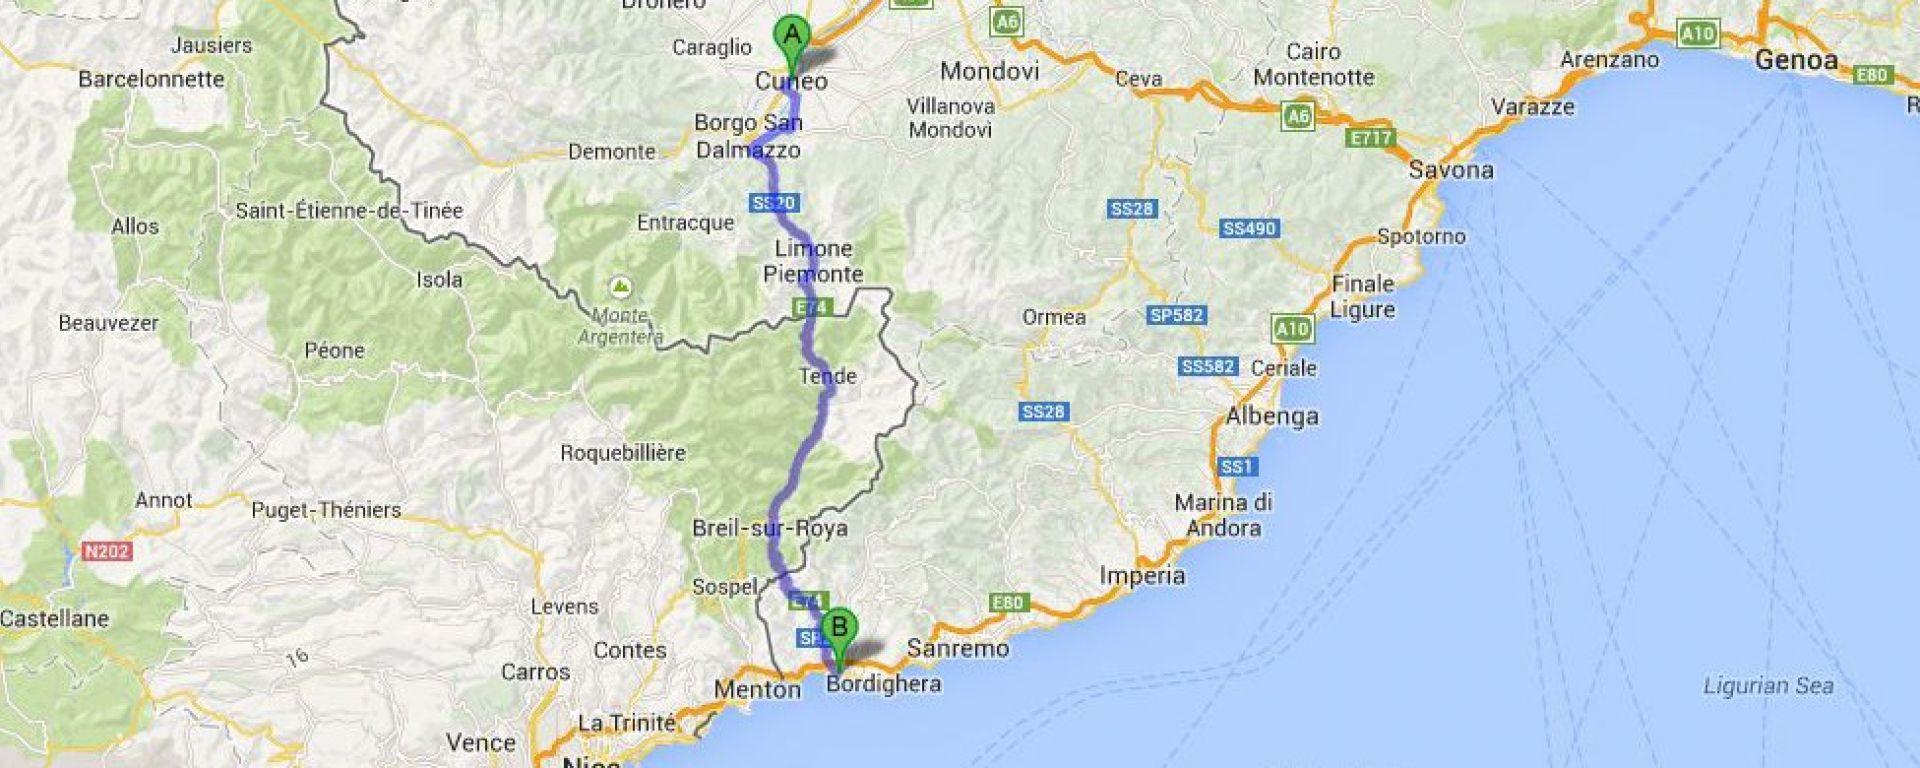 Cuneo - Ventimiglia